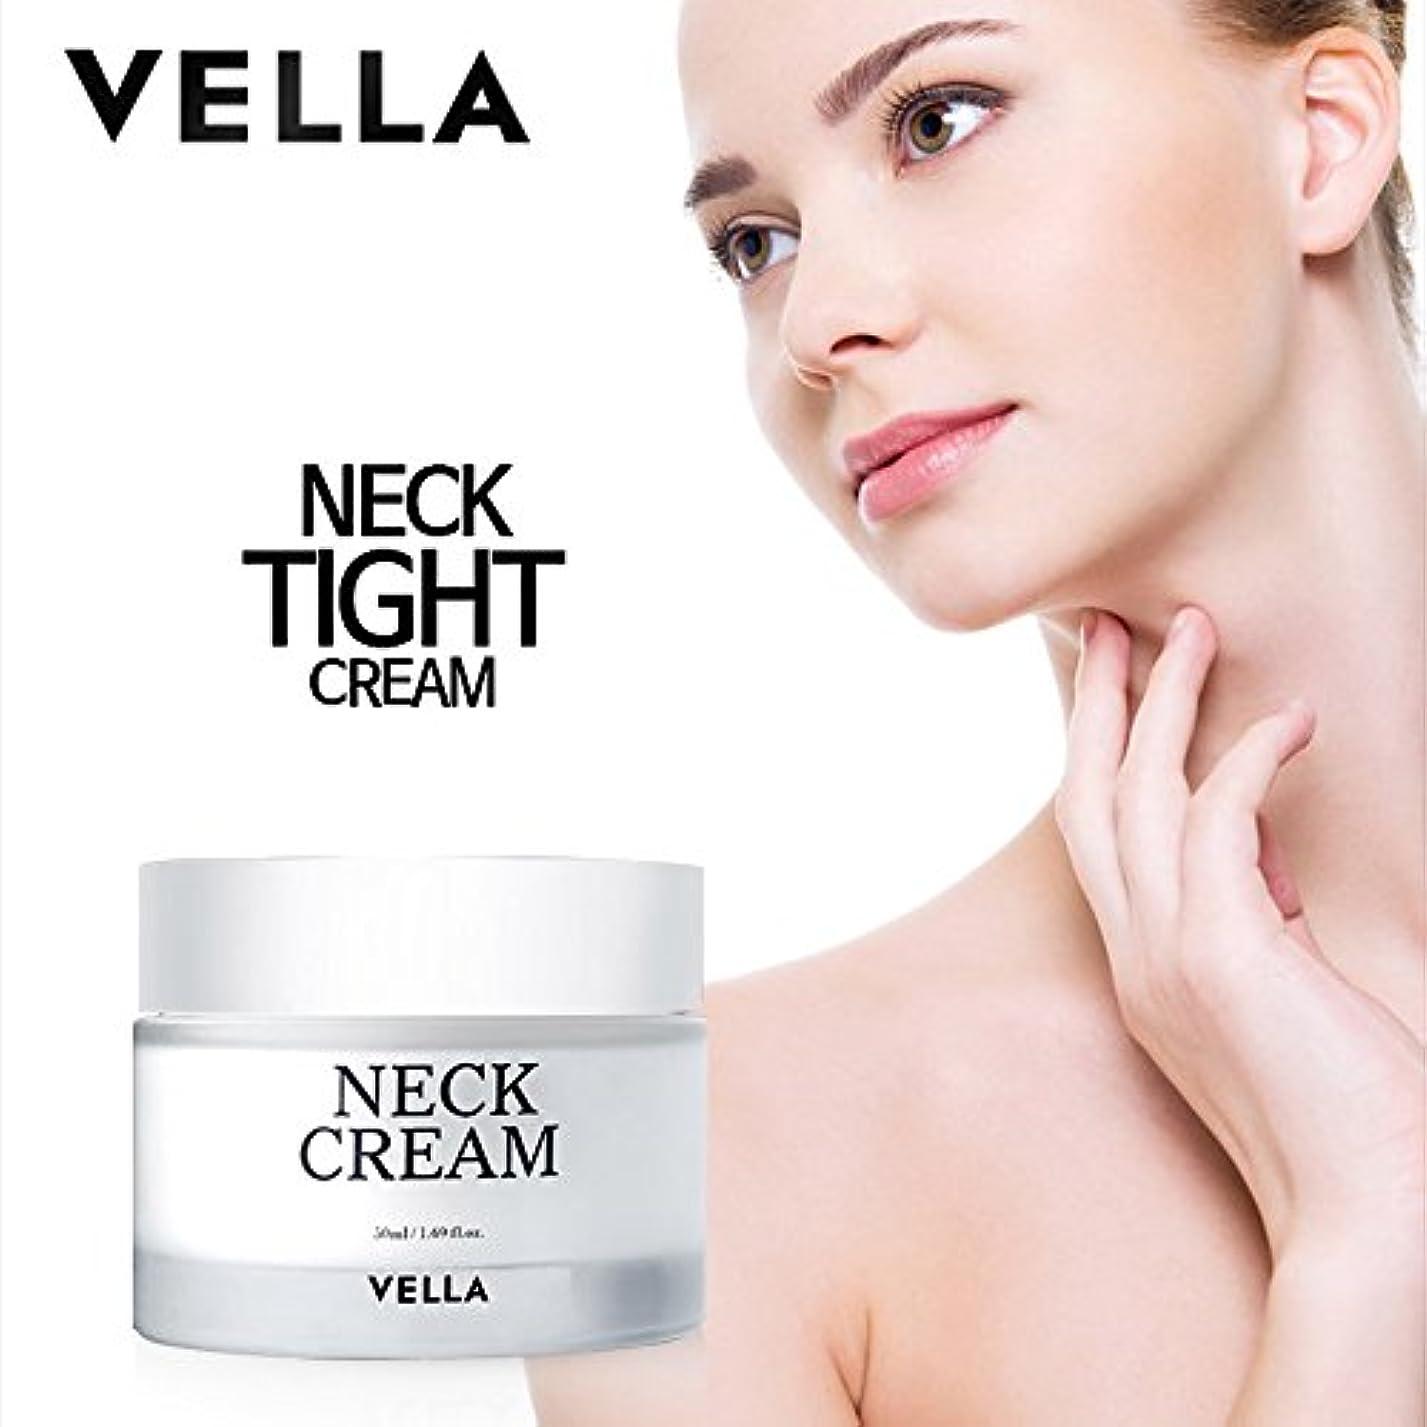 ハンドブック戻るじゃがいもVELLA Anti Wrinkle & Whitening Strong Neck Cream(体がキレイvella首専用のクリーム) 50ml [並行輸入品]